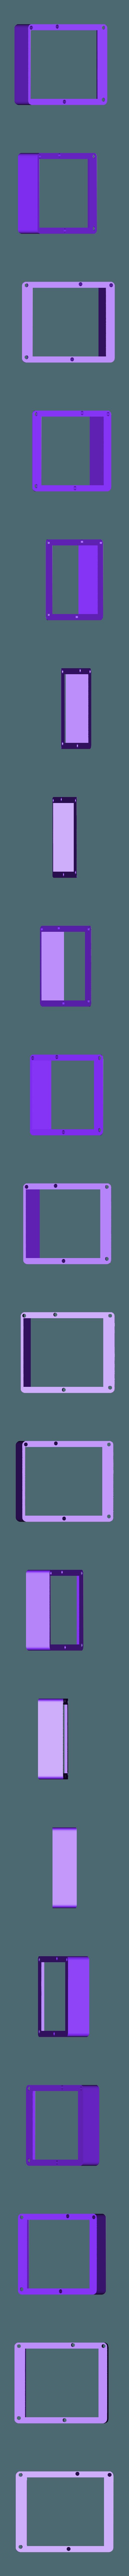 tent-right.stl Télécharger fichier SCAD gratuit Tente Ergodoxe Etendue • Design à imprimer en 3D, rsheldiii